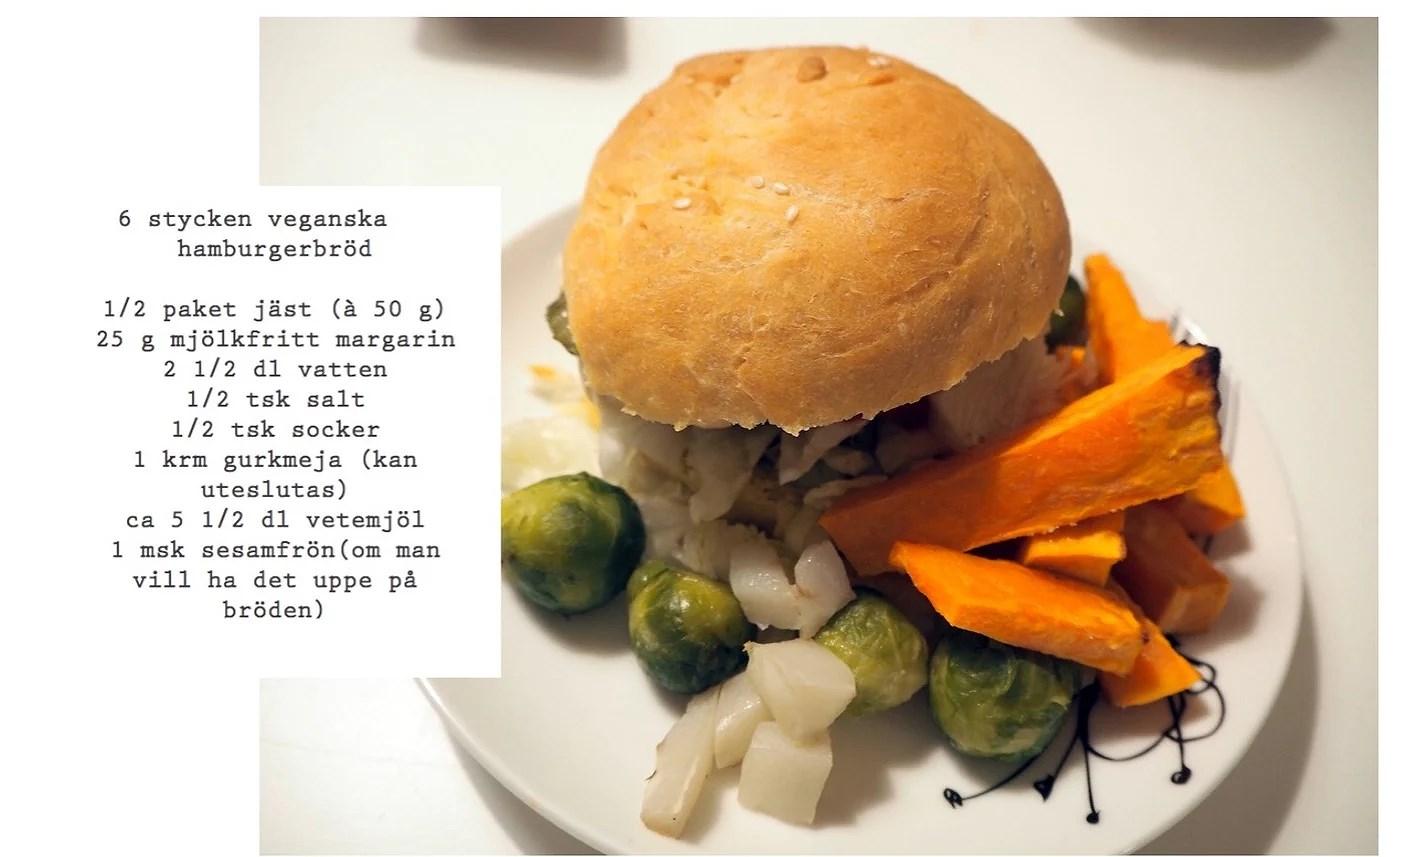 Veganska (ham)burgerbröd